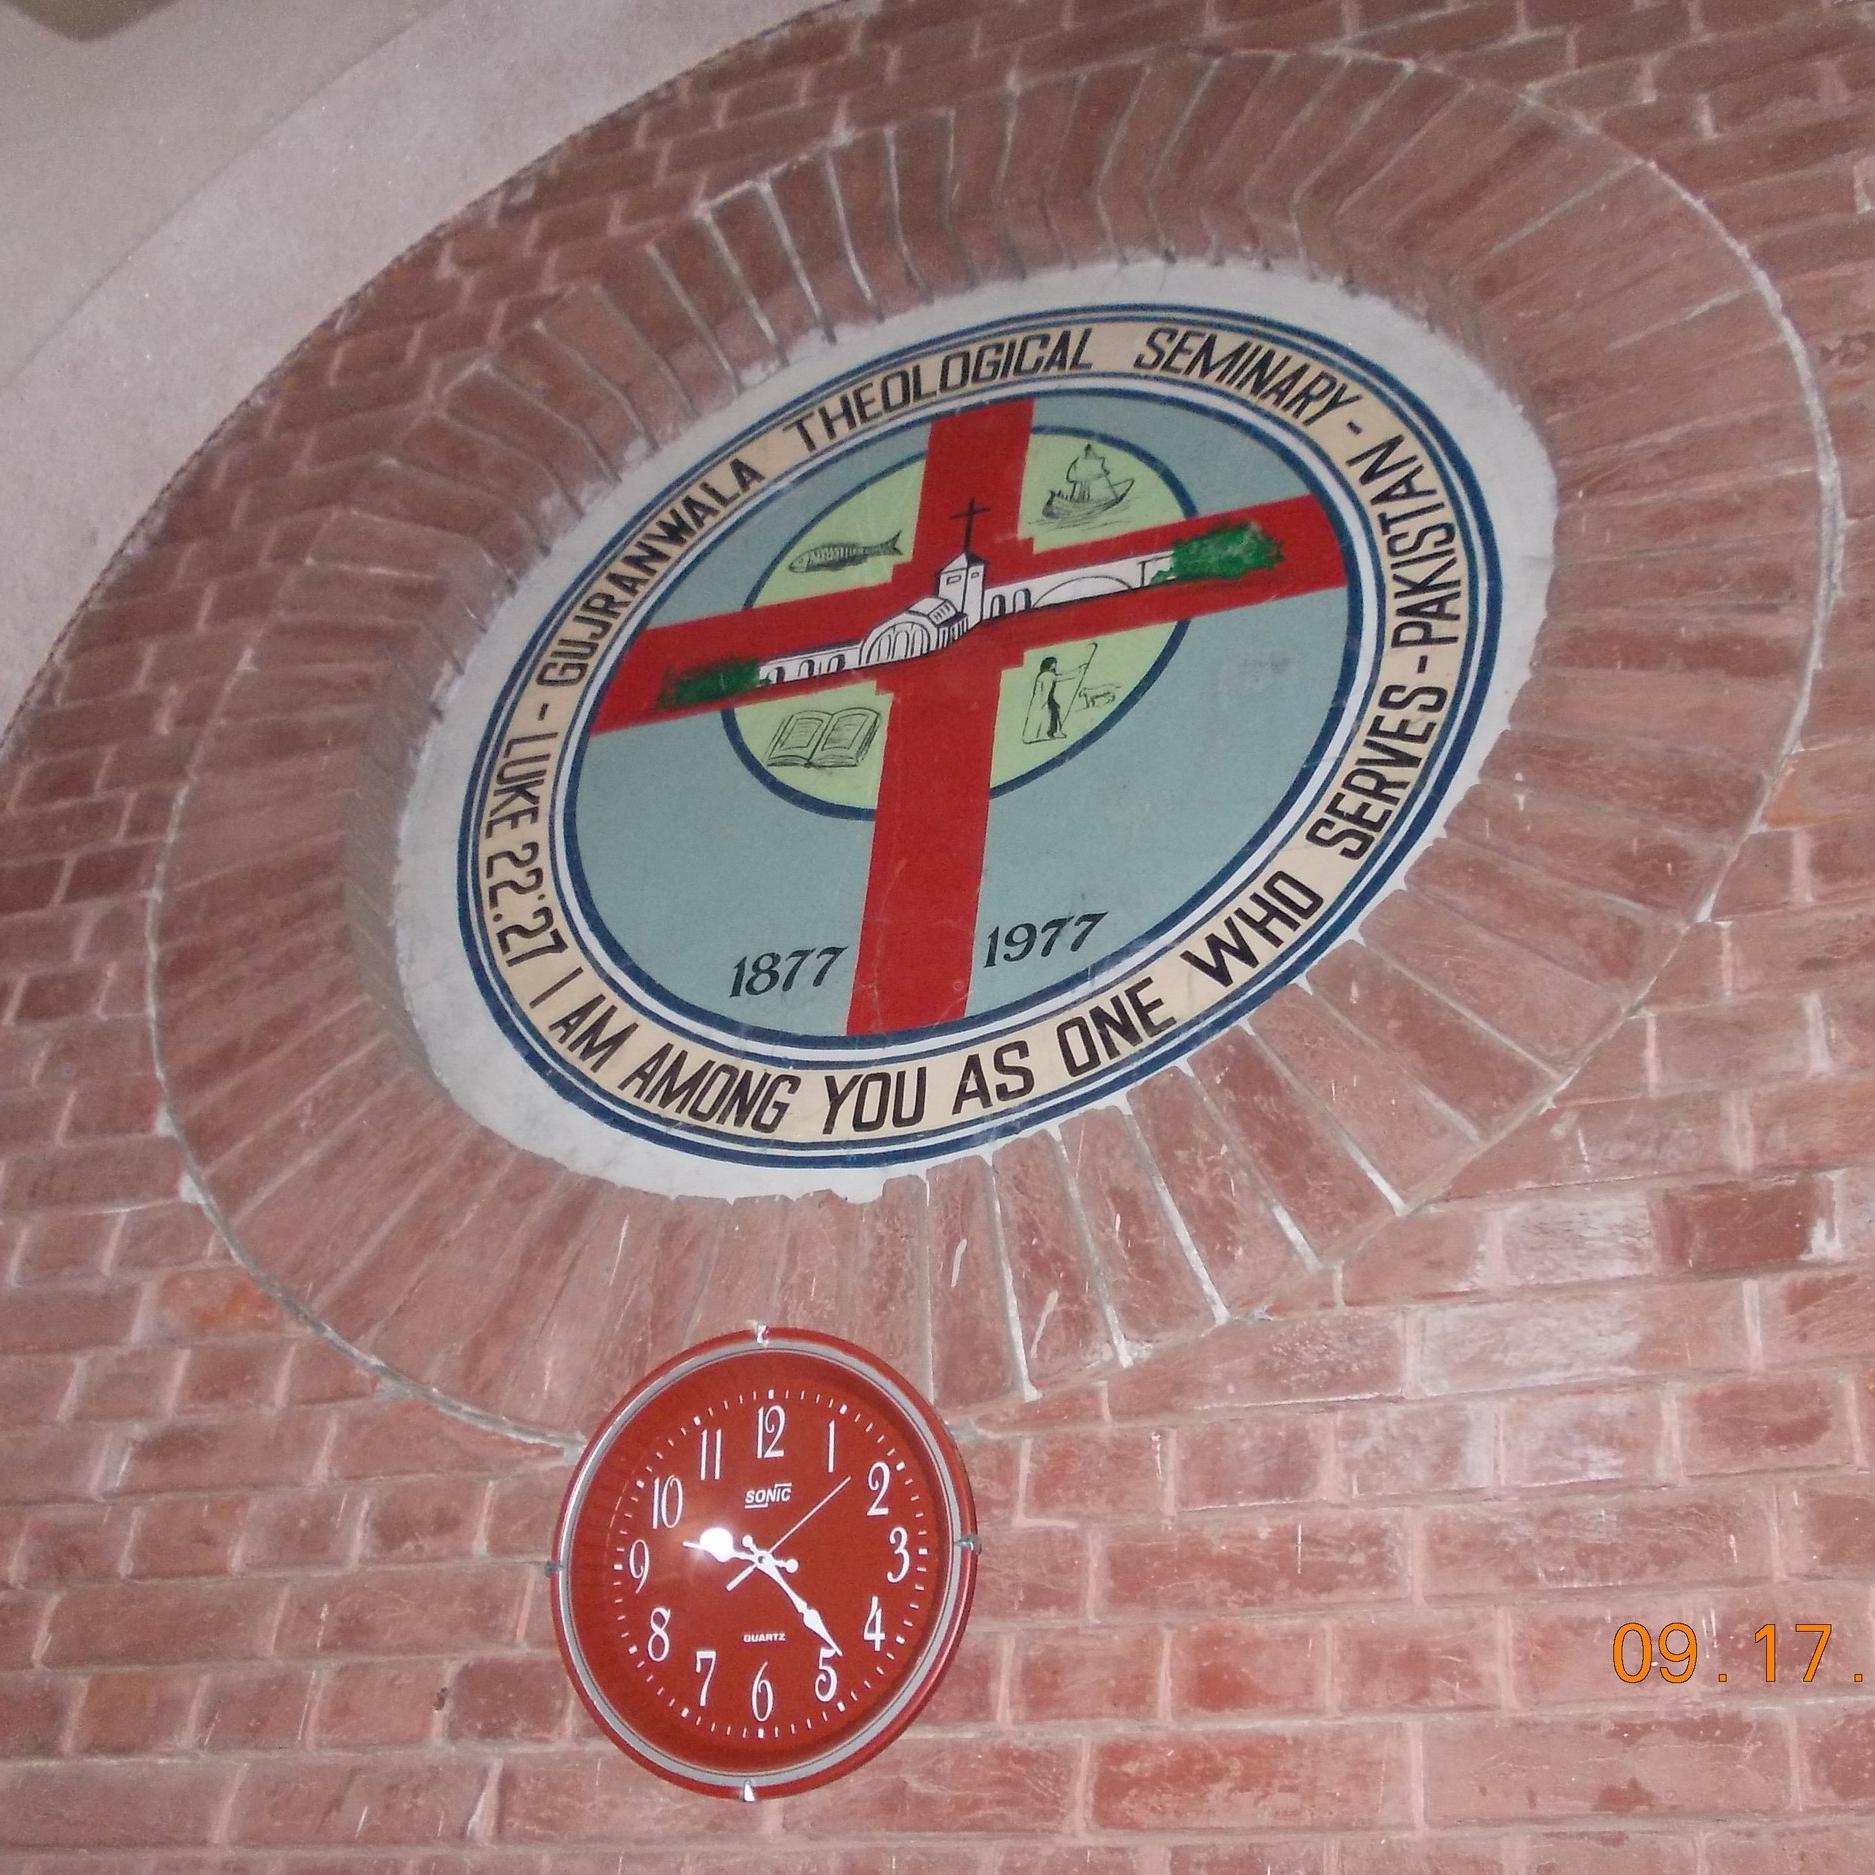 Gujranwala Theological Seminary seal